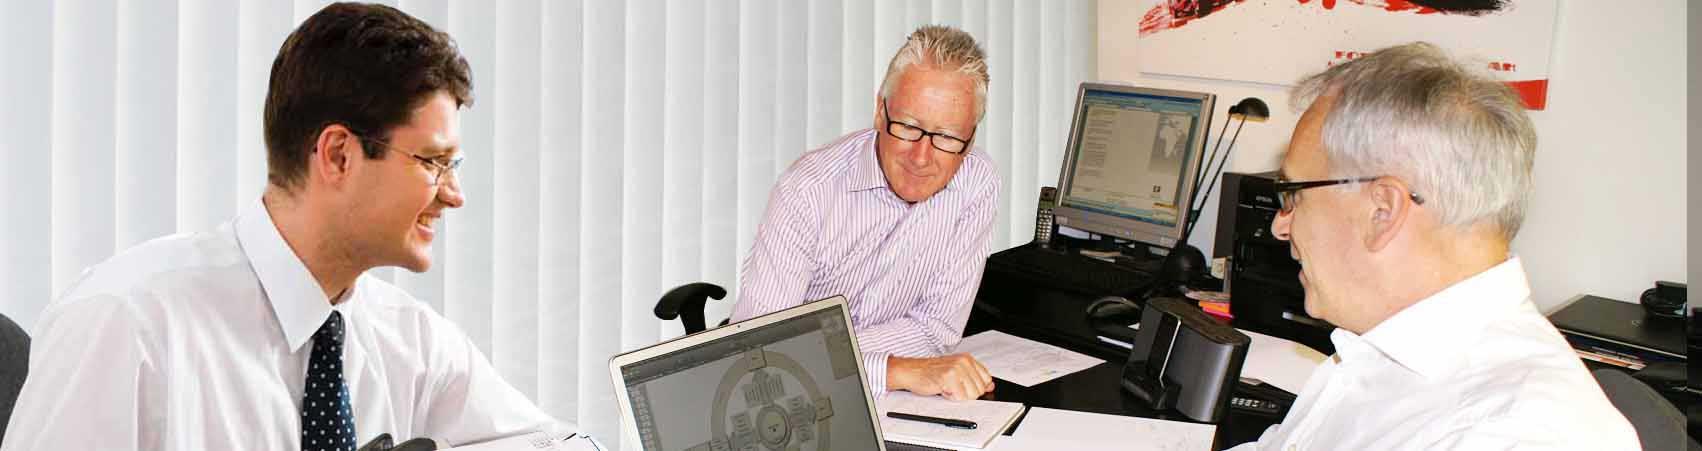 Plan 4 Profit Management Consultants Melbourne